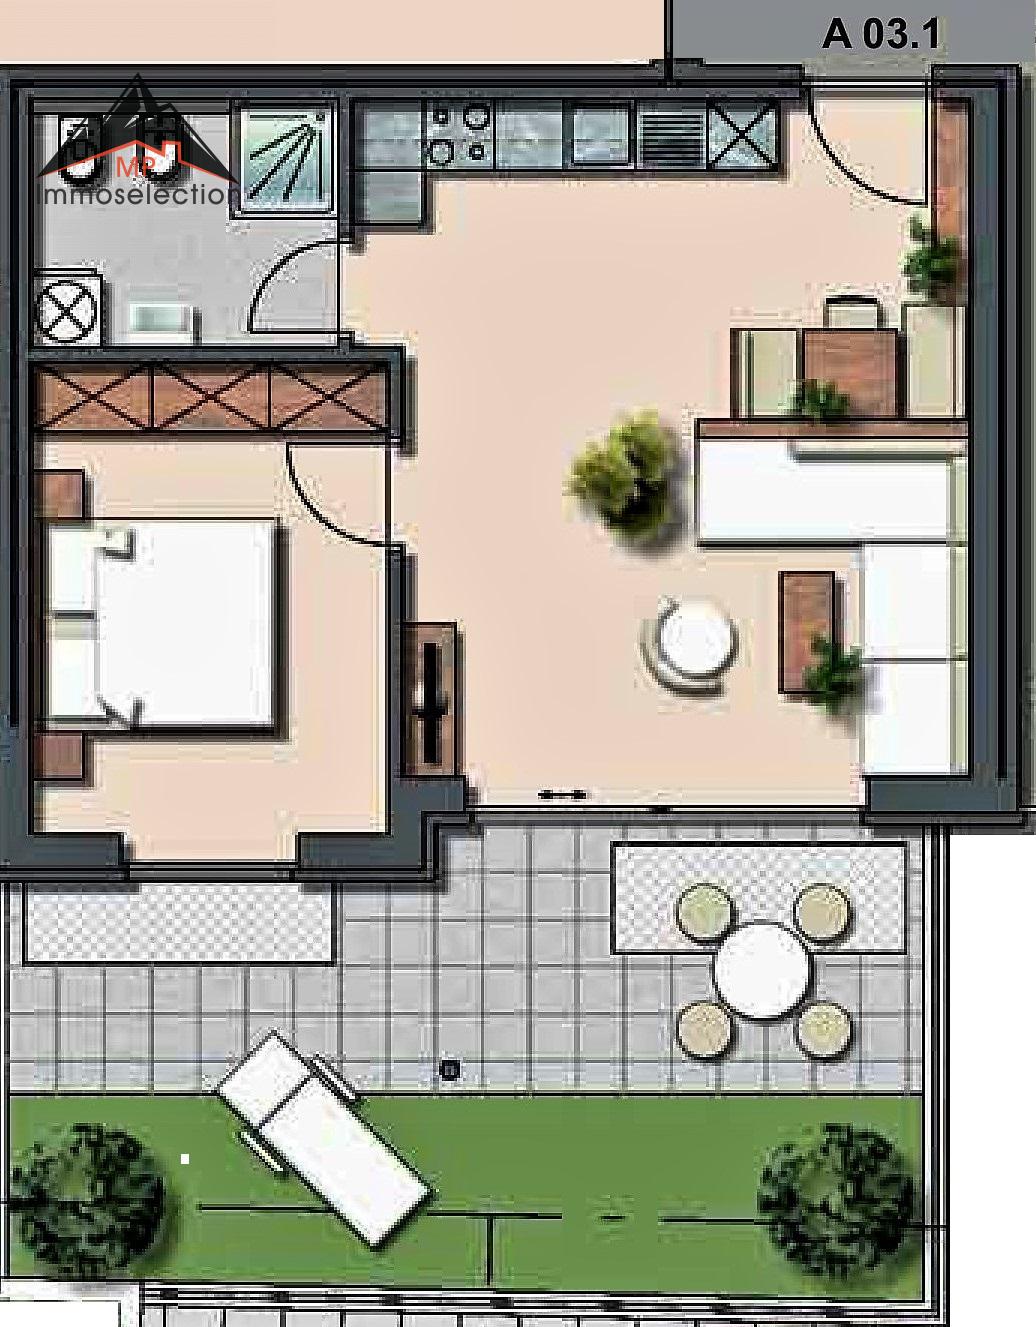 Appartamento in Vendita a Brunico - Bruneck Cod. BK1067-A03.1